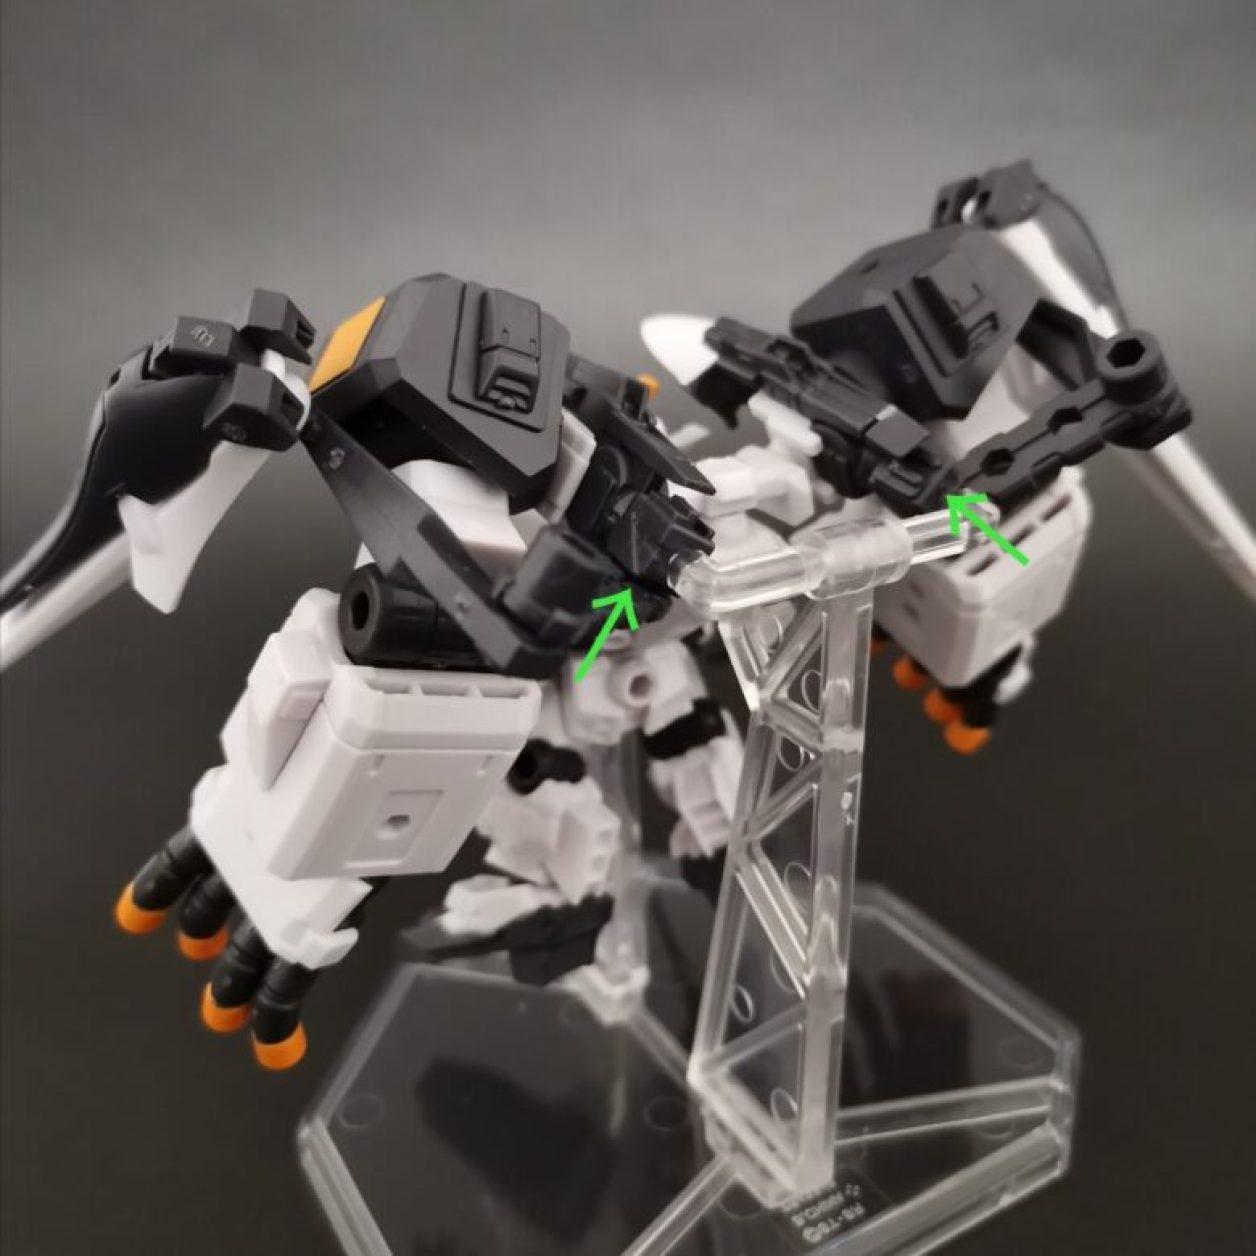 mobile suit ensemble (モビルスーツアンサンブル)ex23弾のガンダムtr-1[ヘイズル·アウスラ](ギガンティックアームユニット装備)の組立方法の紹介画像